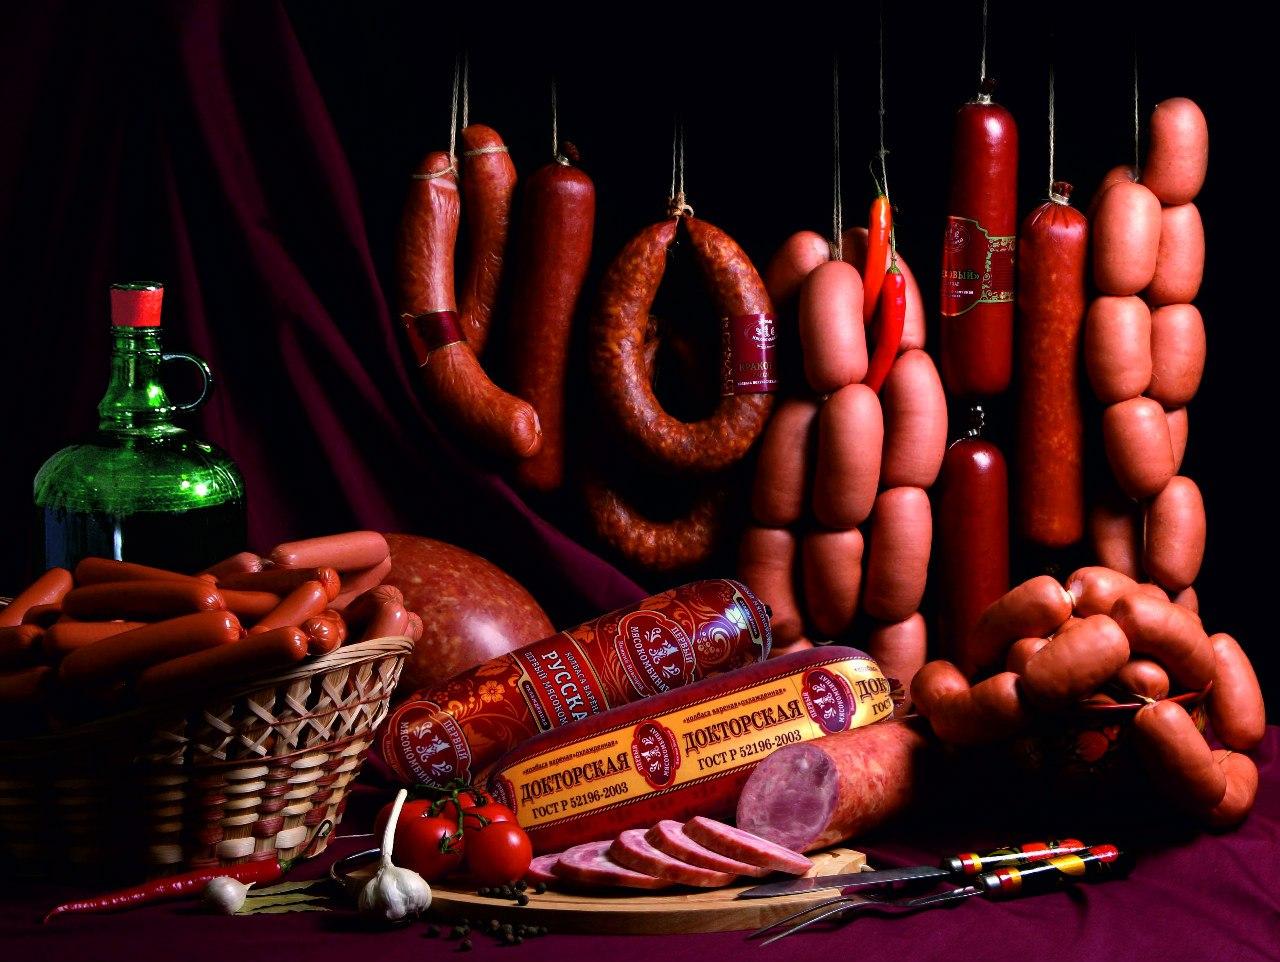 Сбор заказов. Экспресс. Вкусные колбасы, сосиски, мясные деликатесы из натурального мяса от производителя-4. Раздачи через цр 6-7.09